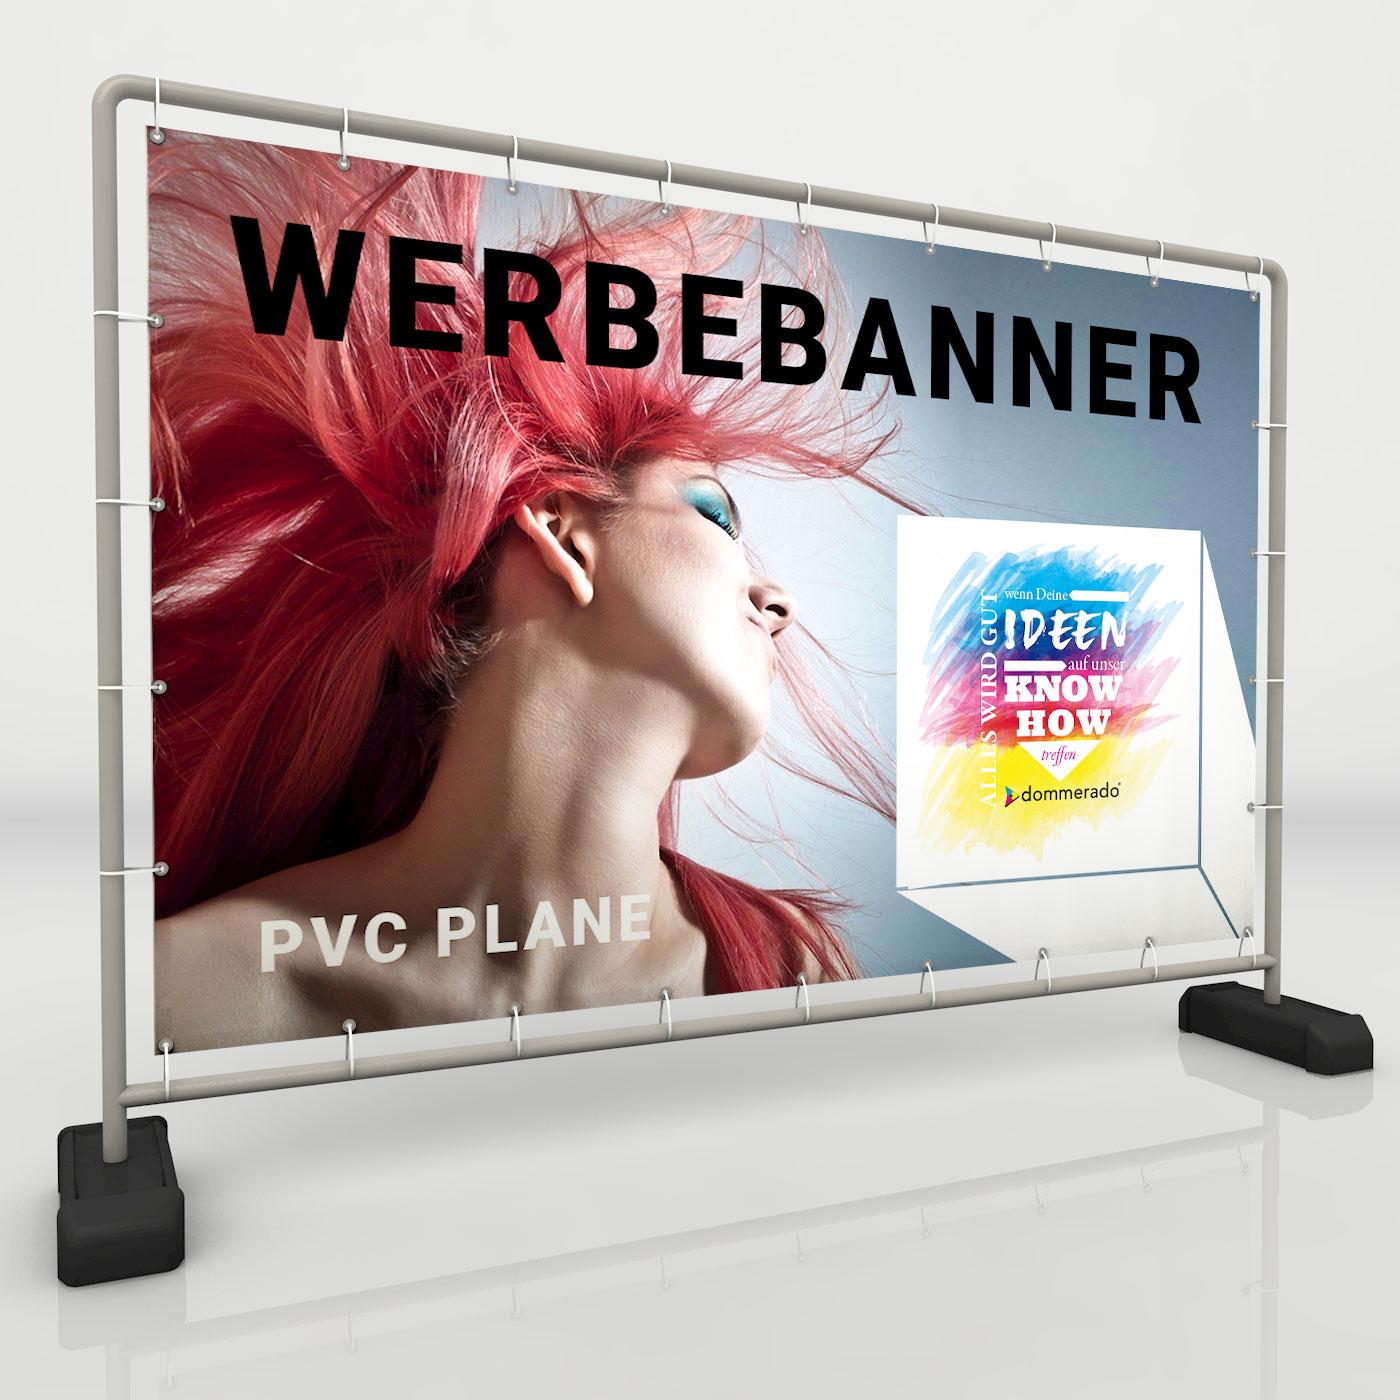 PVC Banner günstig drucken lassen